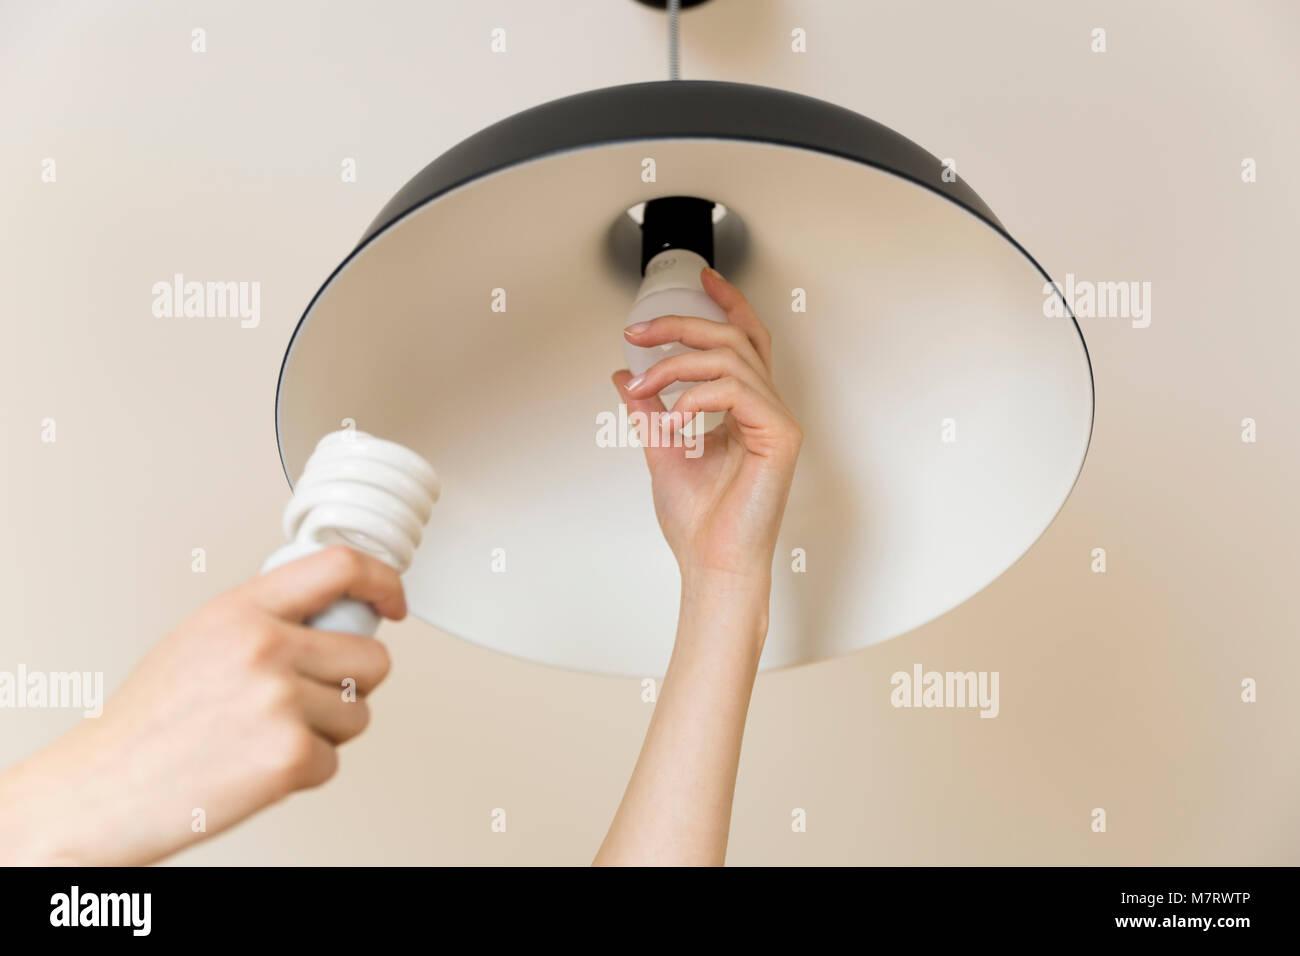 Ampoule D'une Remplacement MaisonChangement Femme De À La Lampe A3j5RL4qcS